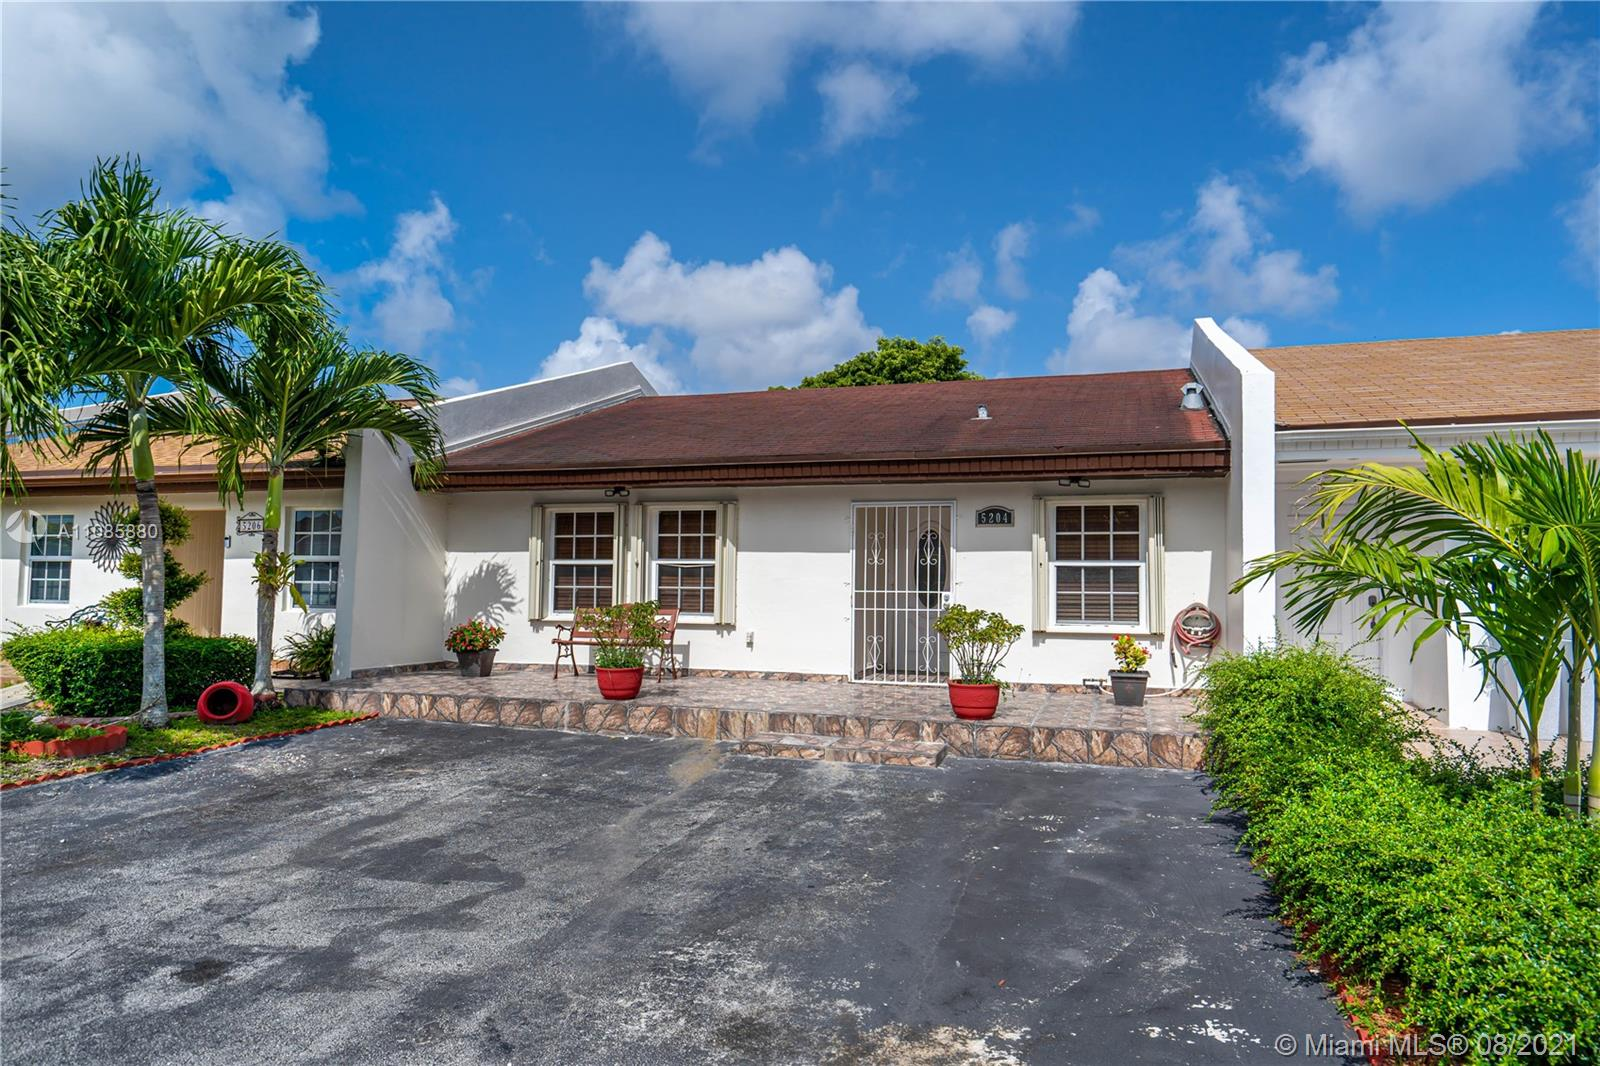 Bent Tree - 5204 SW 141st Ave, Miami, FL 33175